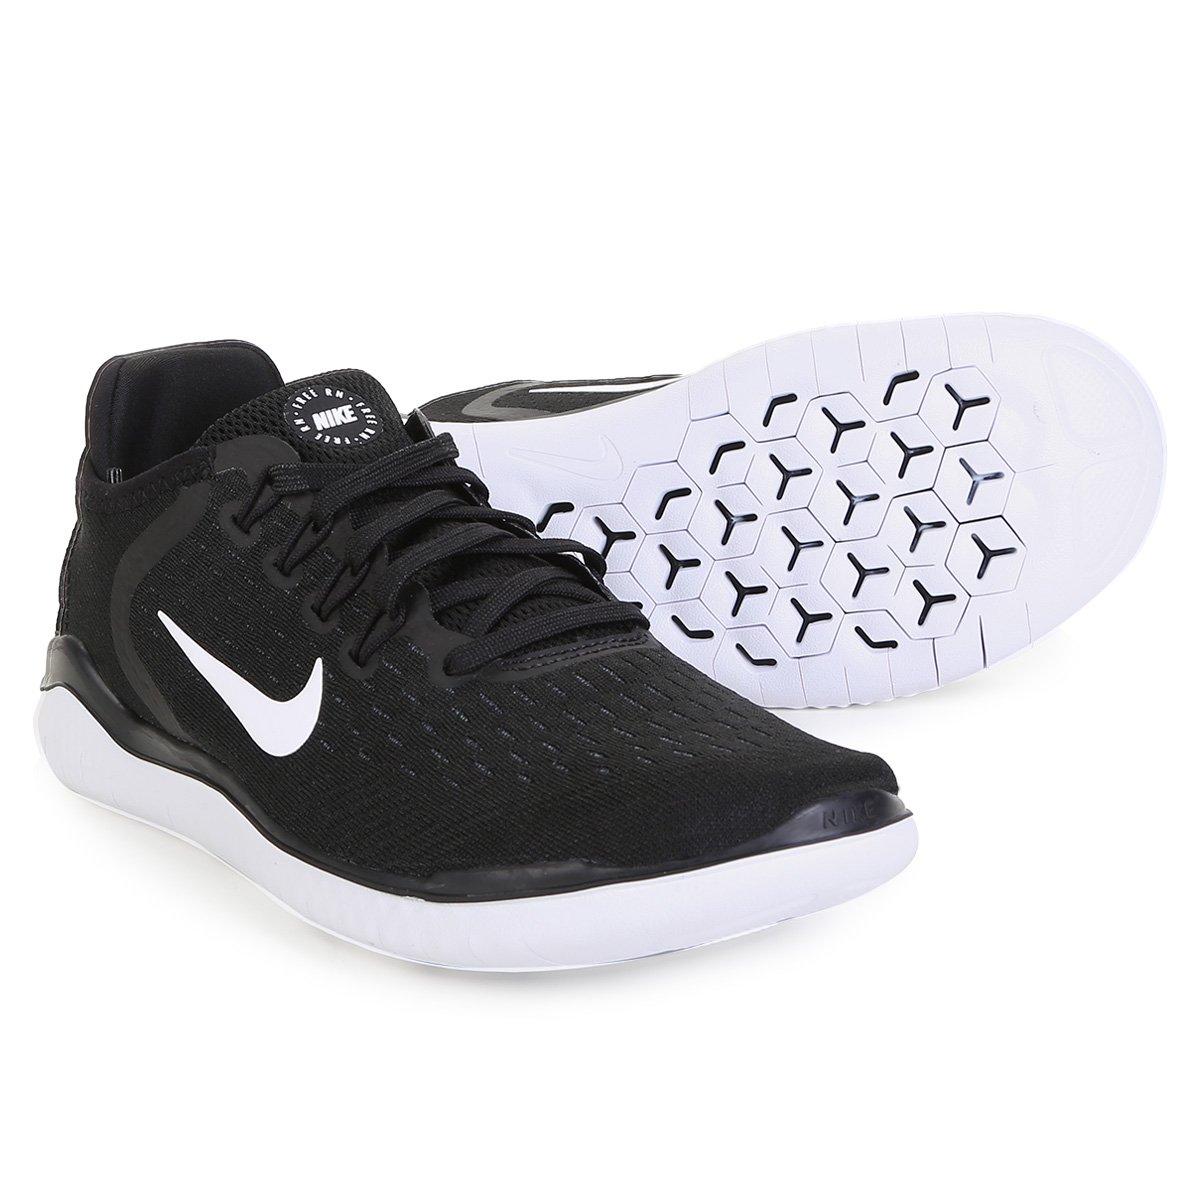 8c7c511a75 Tênis Nike Free Rn 2018 Feminino